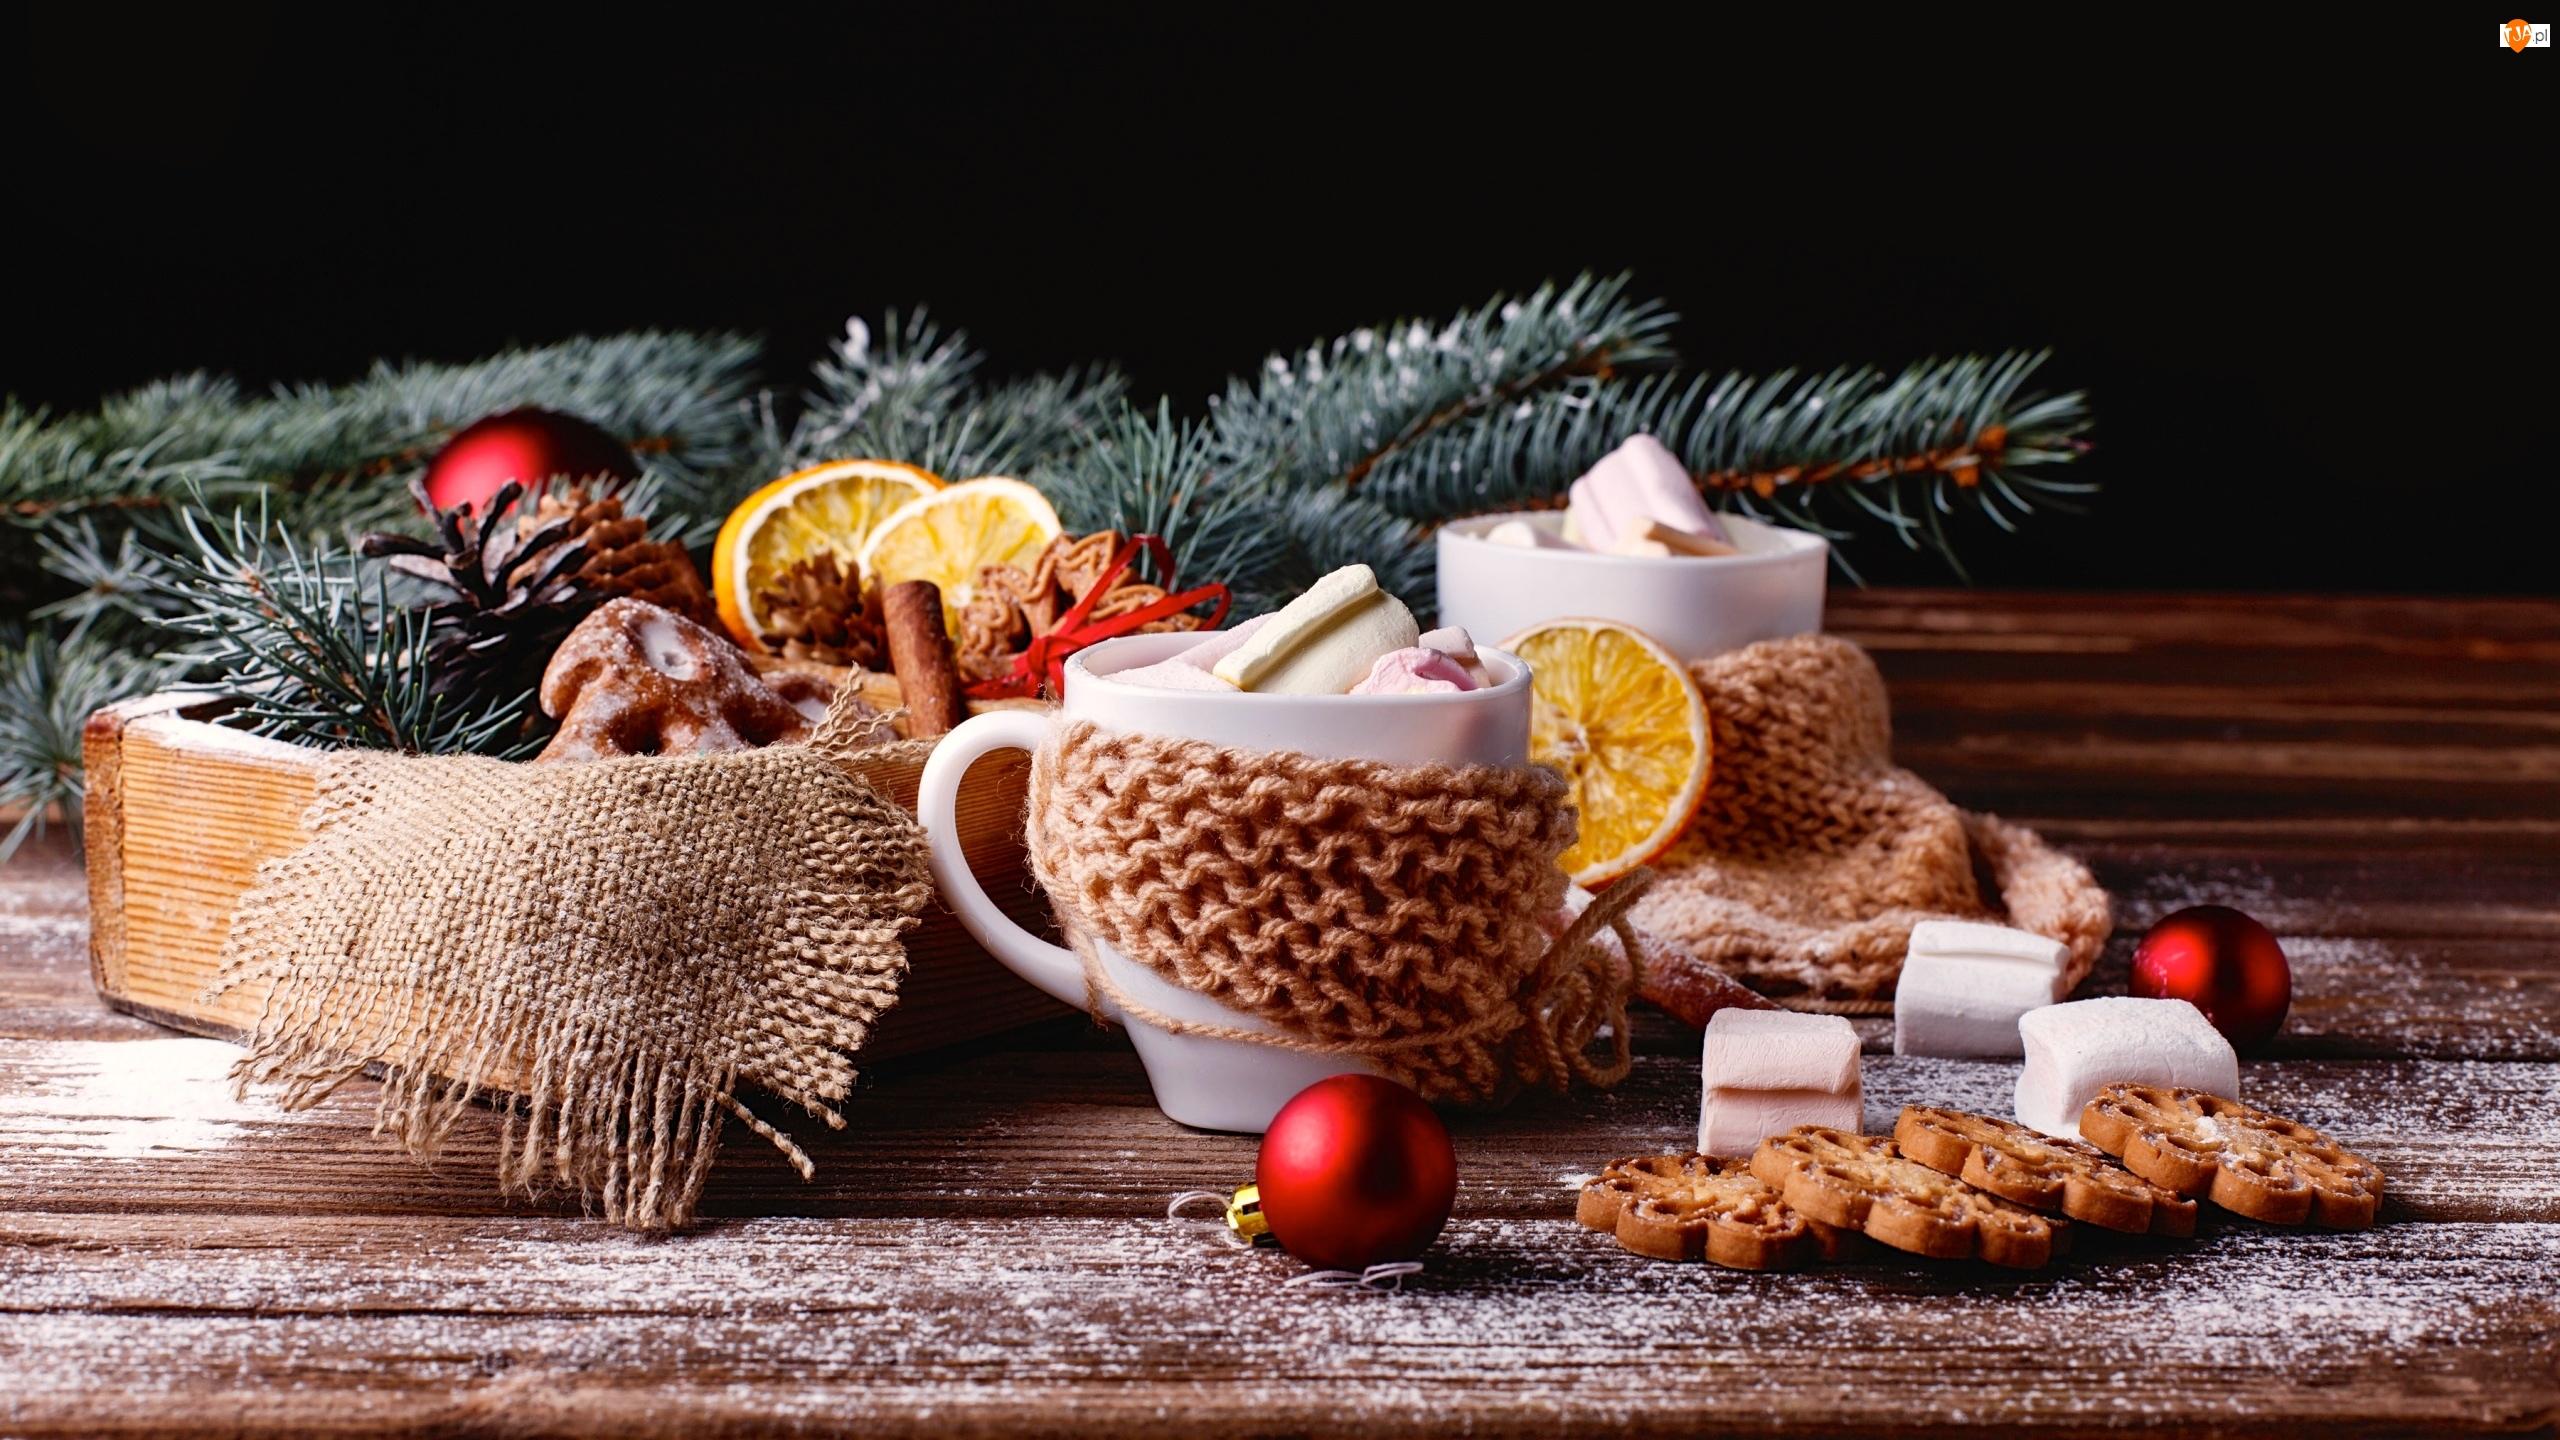 Pomarańczy, Ciasteczka, Cynamon, Bombka, Świąteczna, Kompozycja, Filiżanki, Gałązki, Pianki, Plasterki